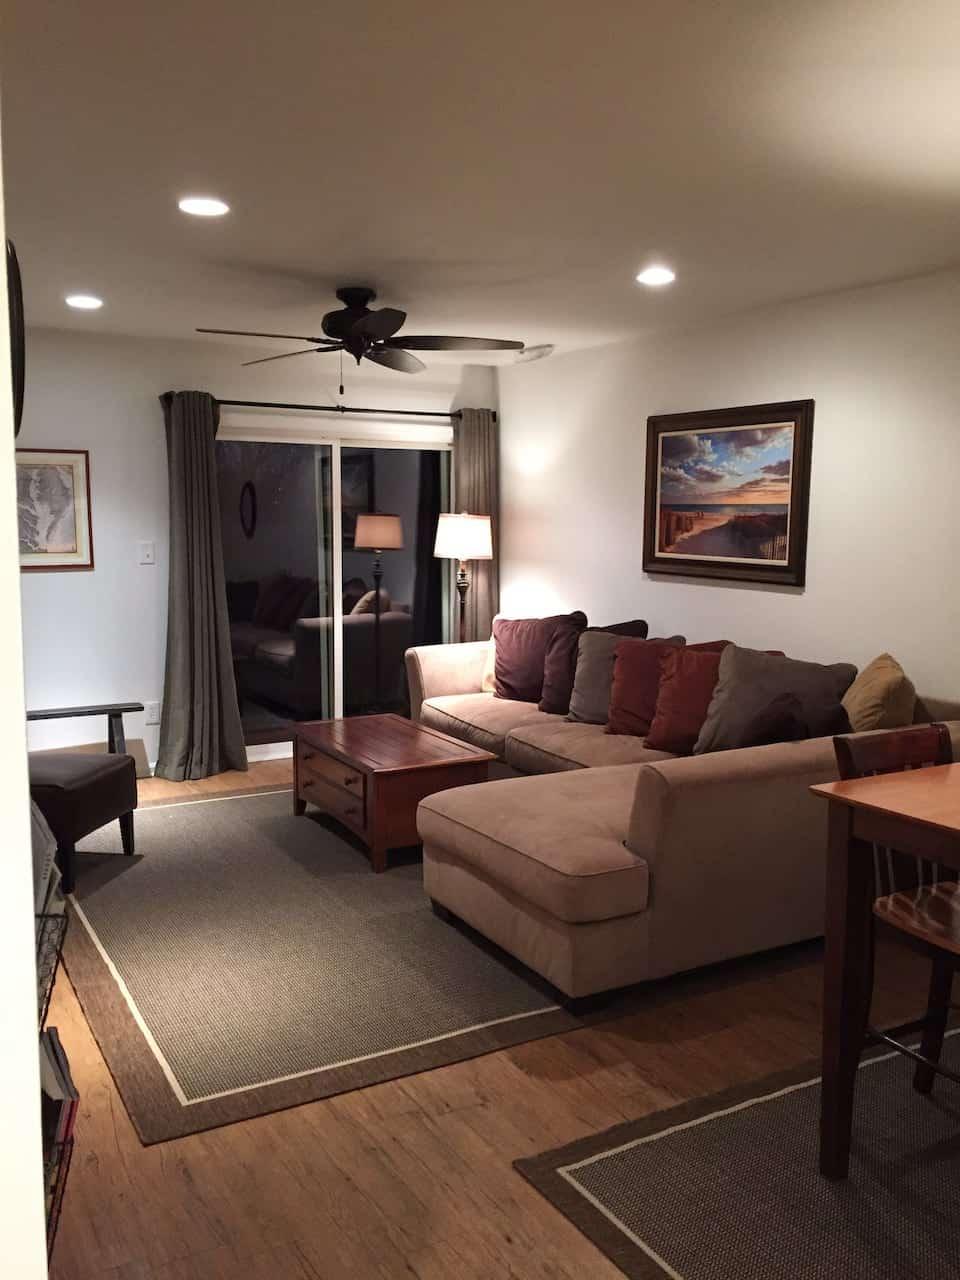 Image of Airbnb rental in Dewey Beach, Delaware